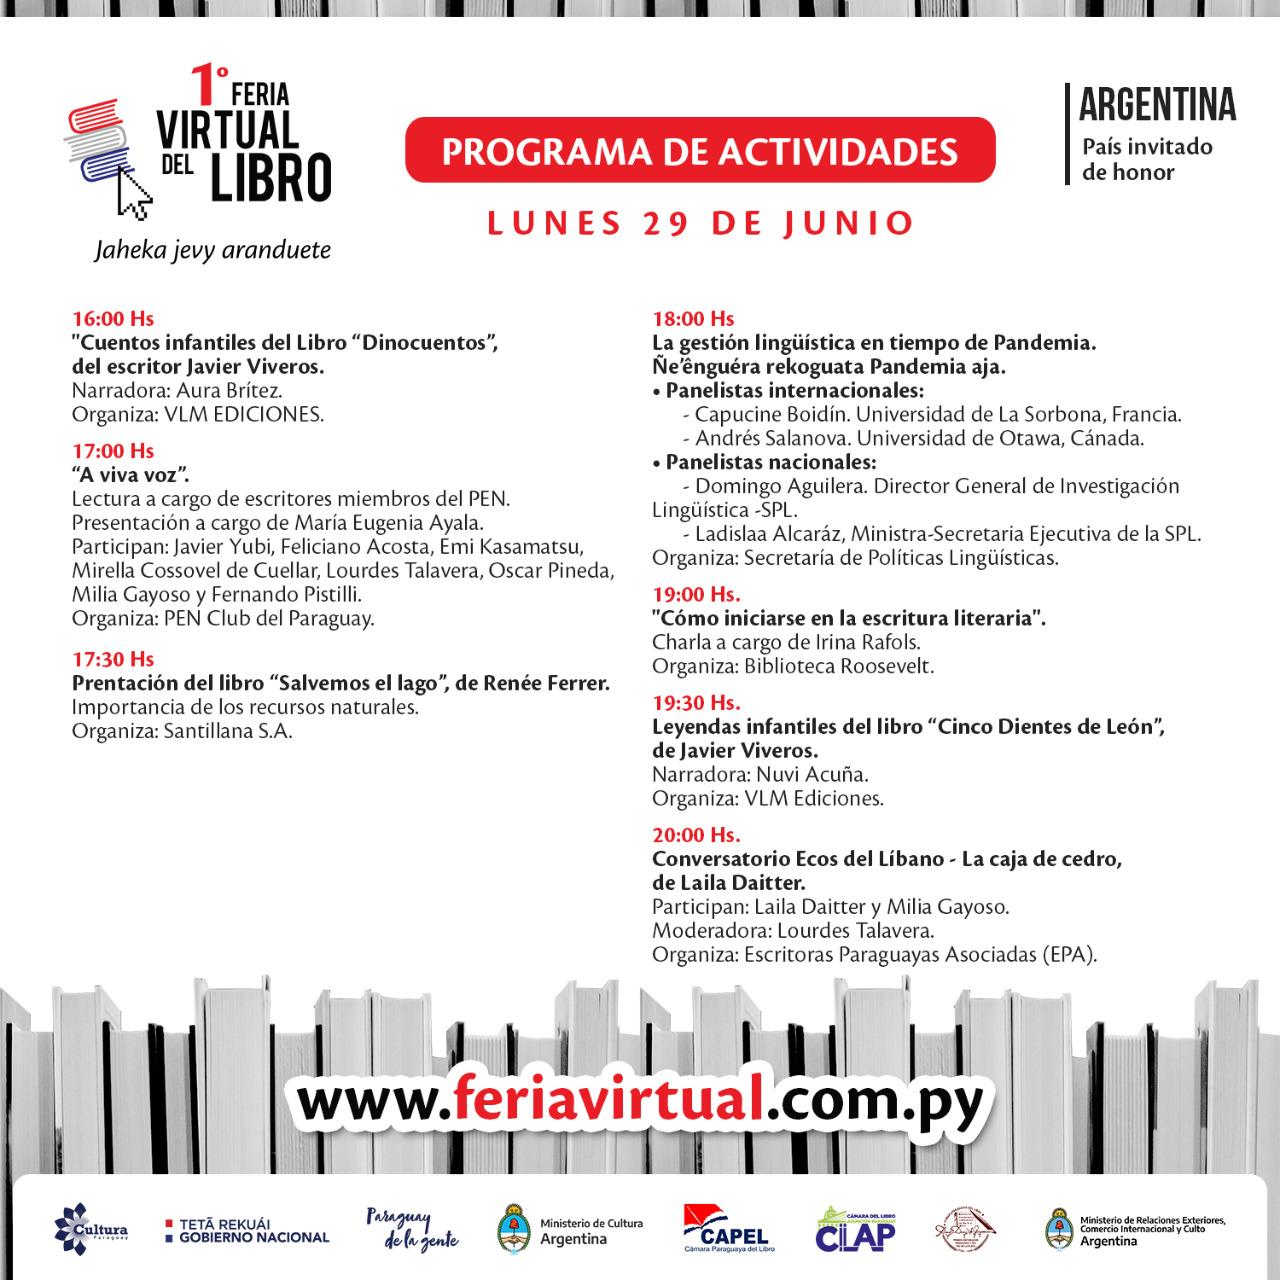 Feria Virtual del Libro: lunes con diversas actividades y participación internacional imagen